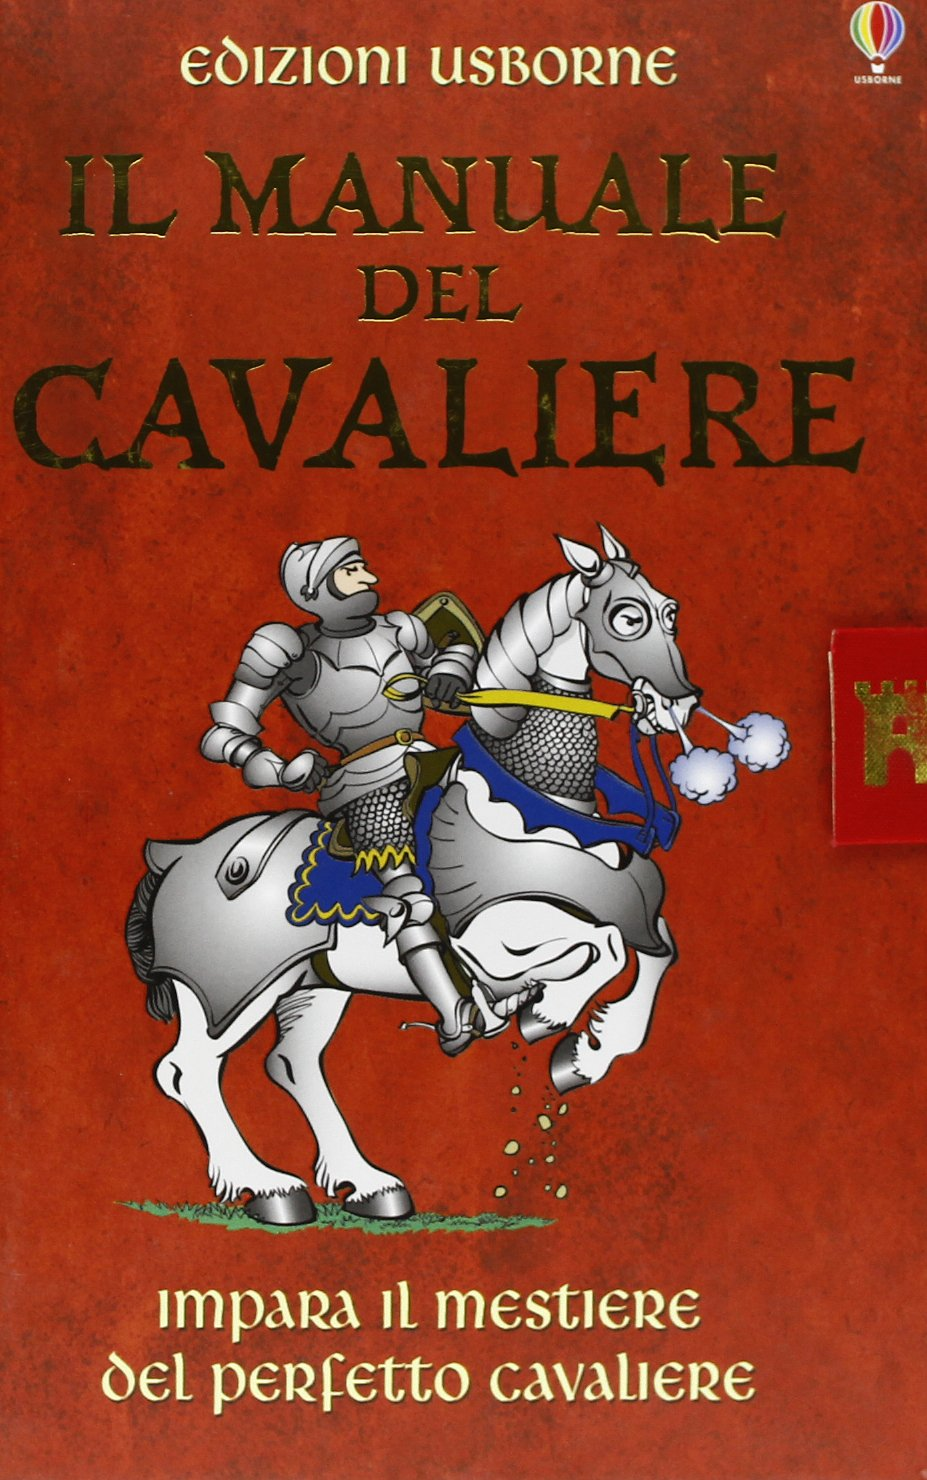 Risultati immagini per il manuale del cavaliere edizioni usborne